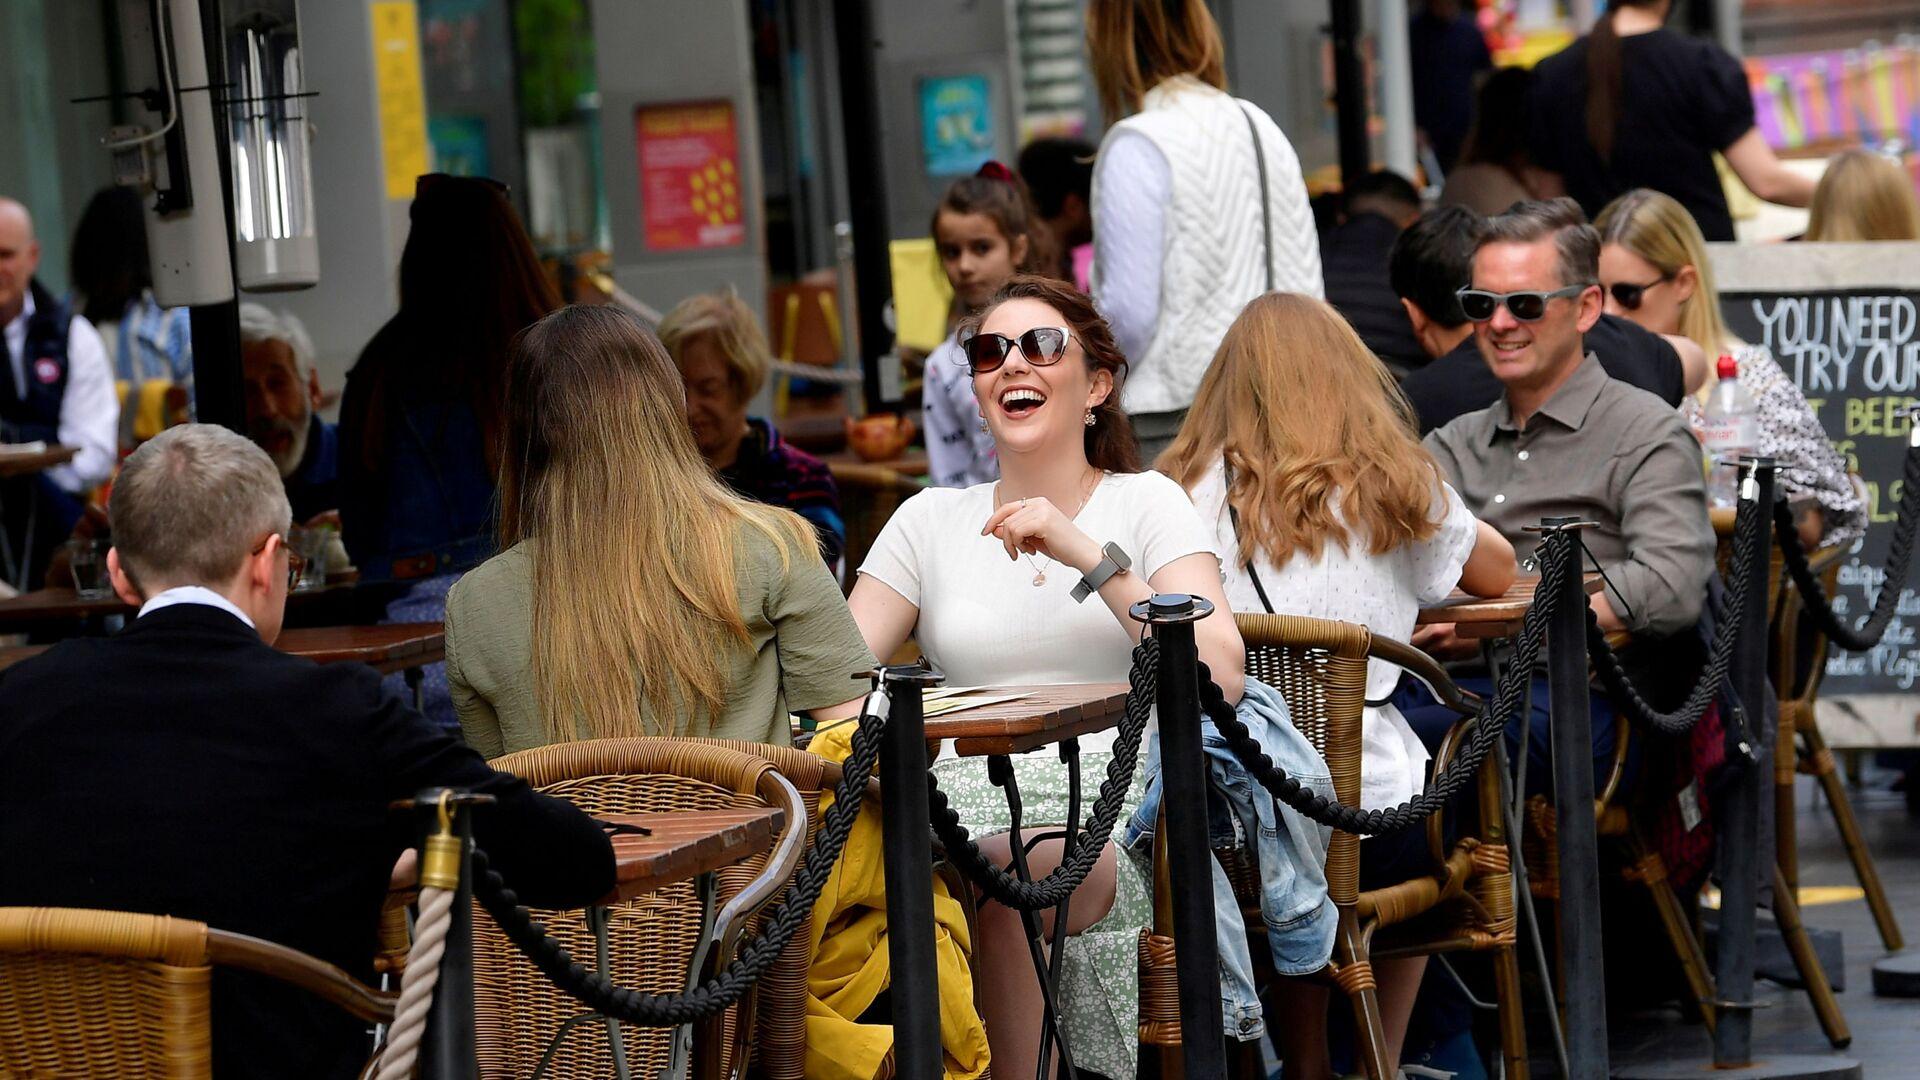 Посетители кафе на улице South Bank в Лондоне, Великобритания - Sputnik Italia, 1920, 03.07.2021